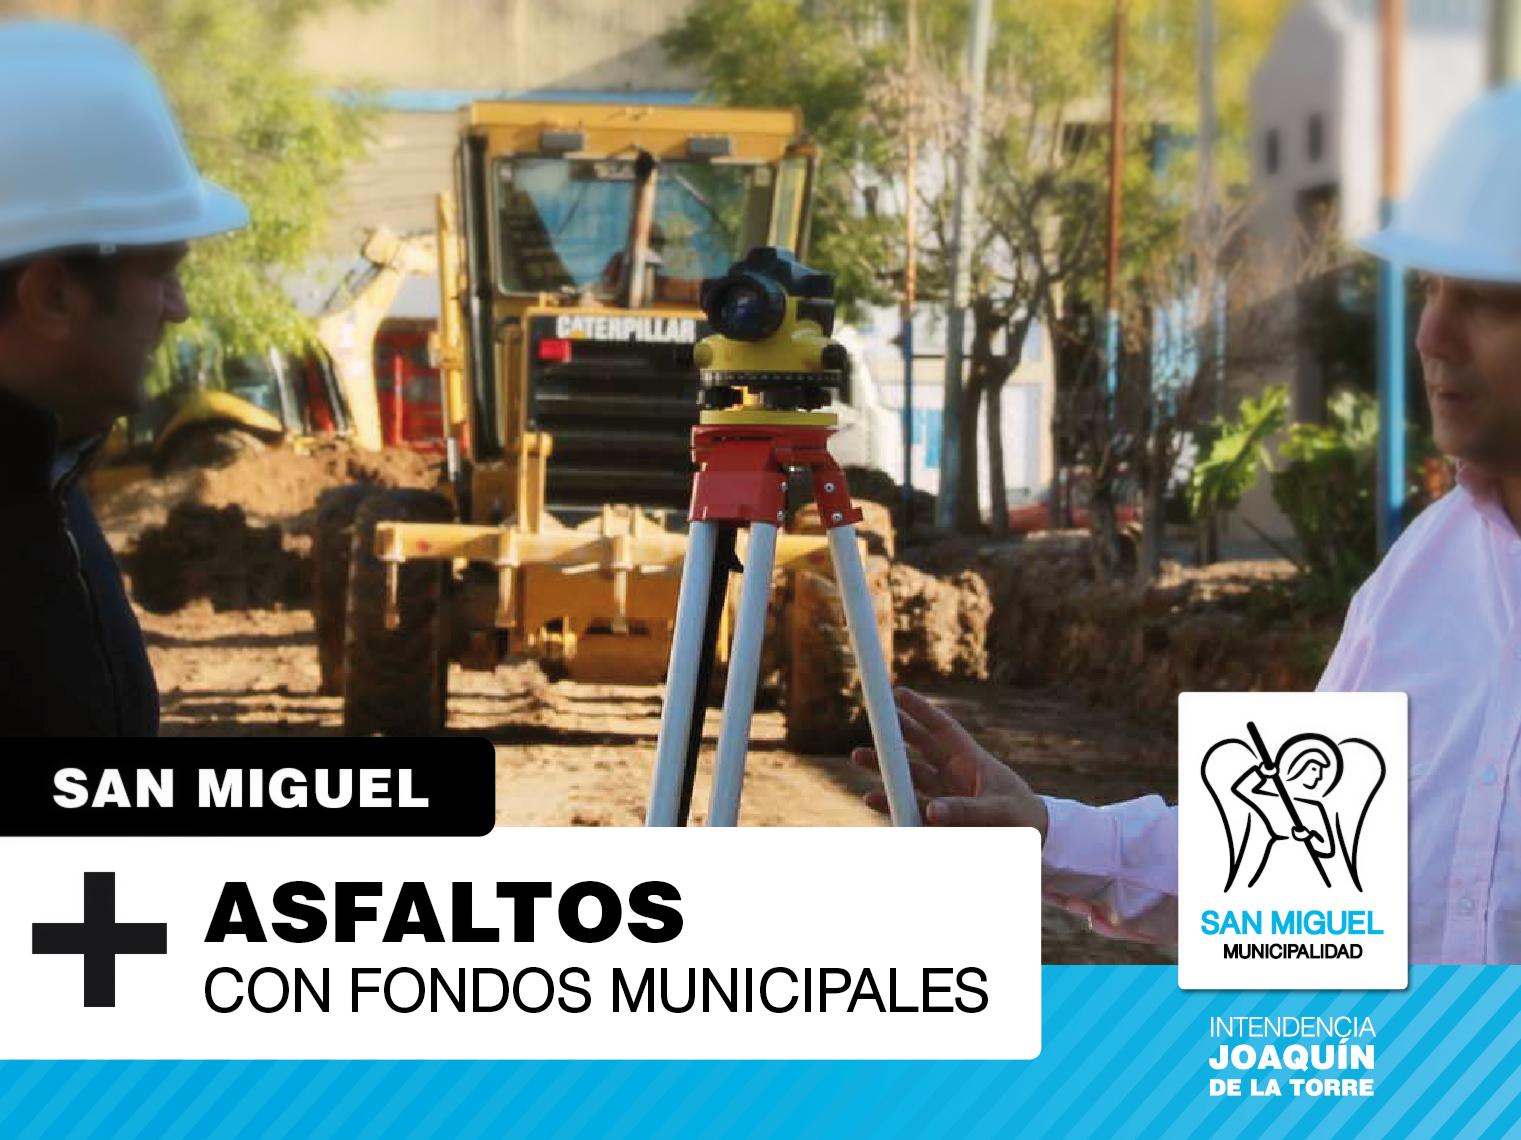 Financiados íntegramente con fondos municipales, San Miguel continúa inaugurando asfaltos